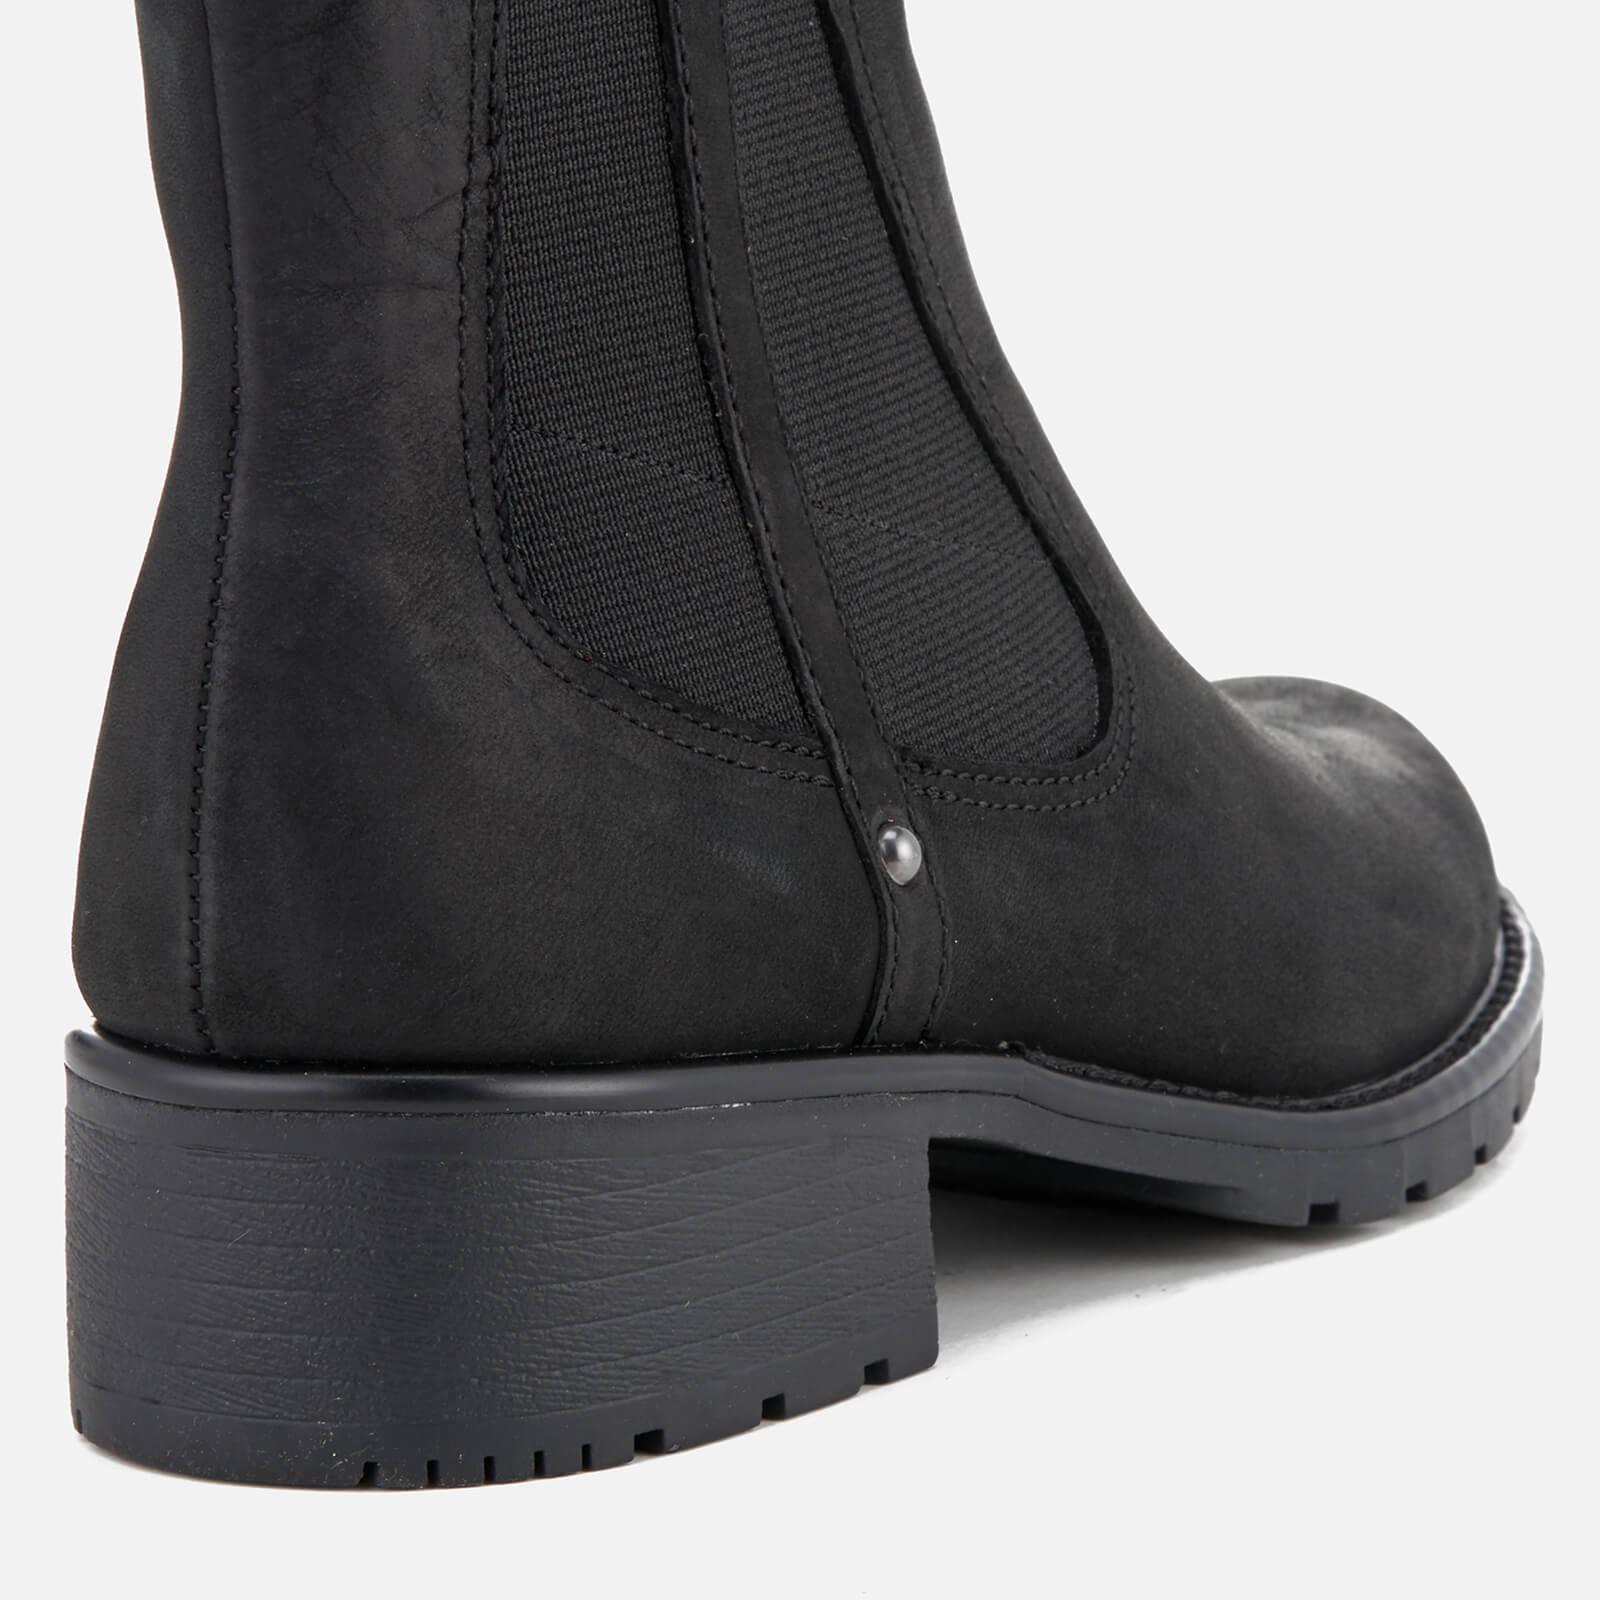 Sorel Emelie Chelsea Waterproof Boots - Womens | REI Co